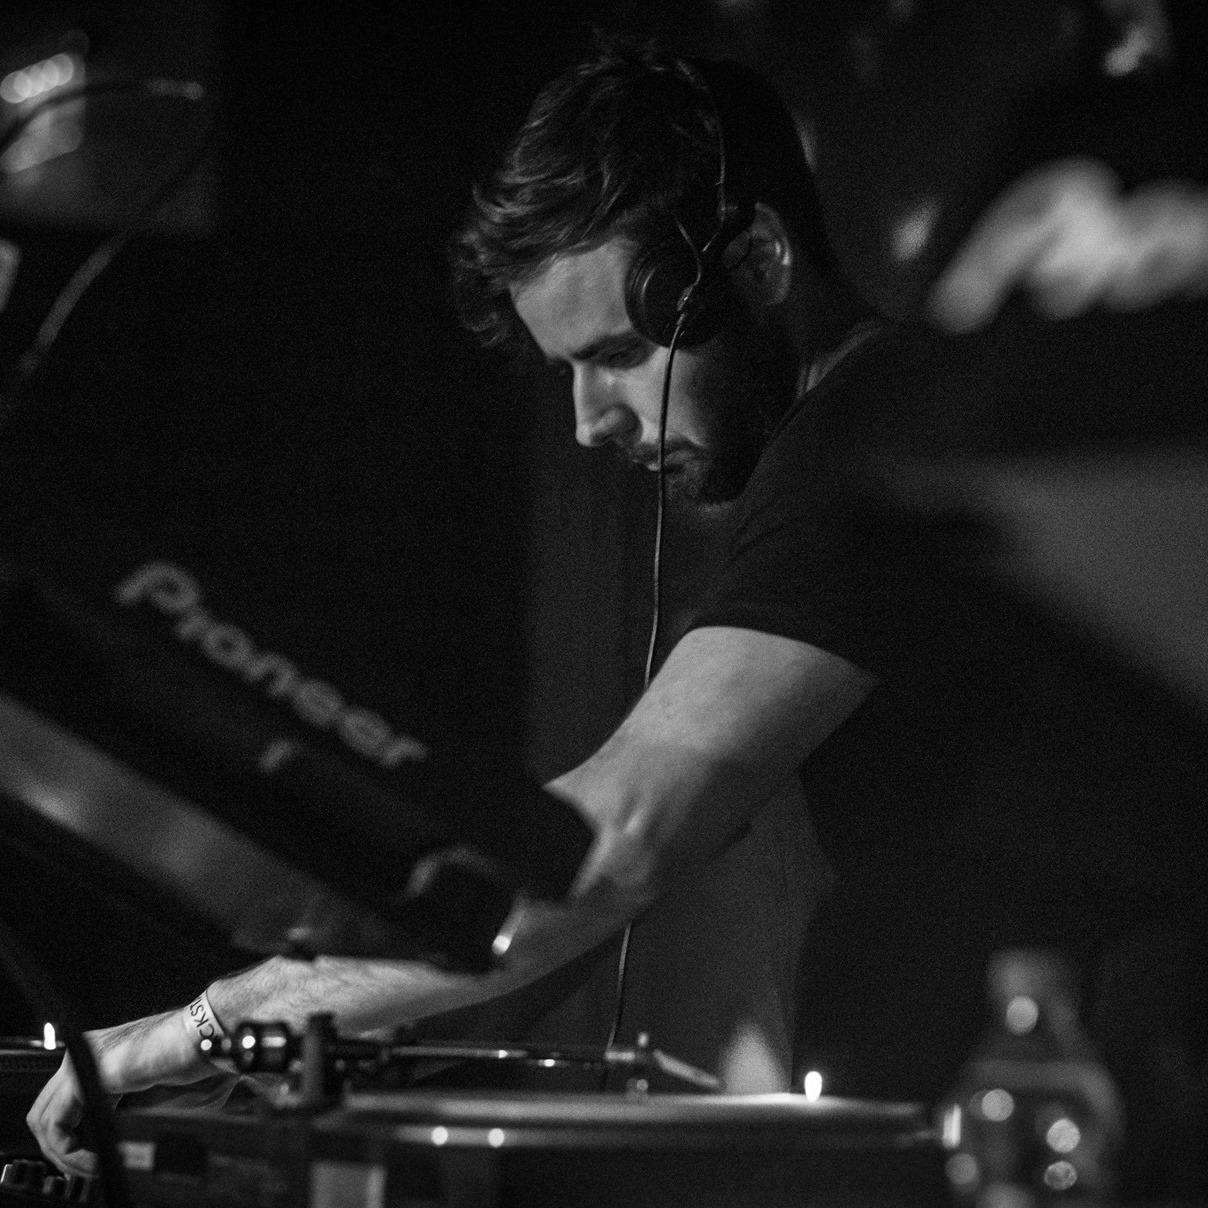 Le Mix Du Jour: Christopher Ledger Fasten Musique Podcast #139